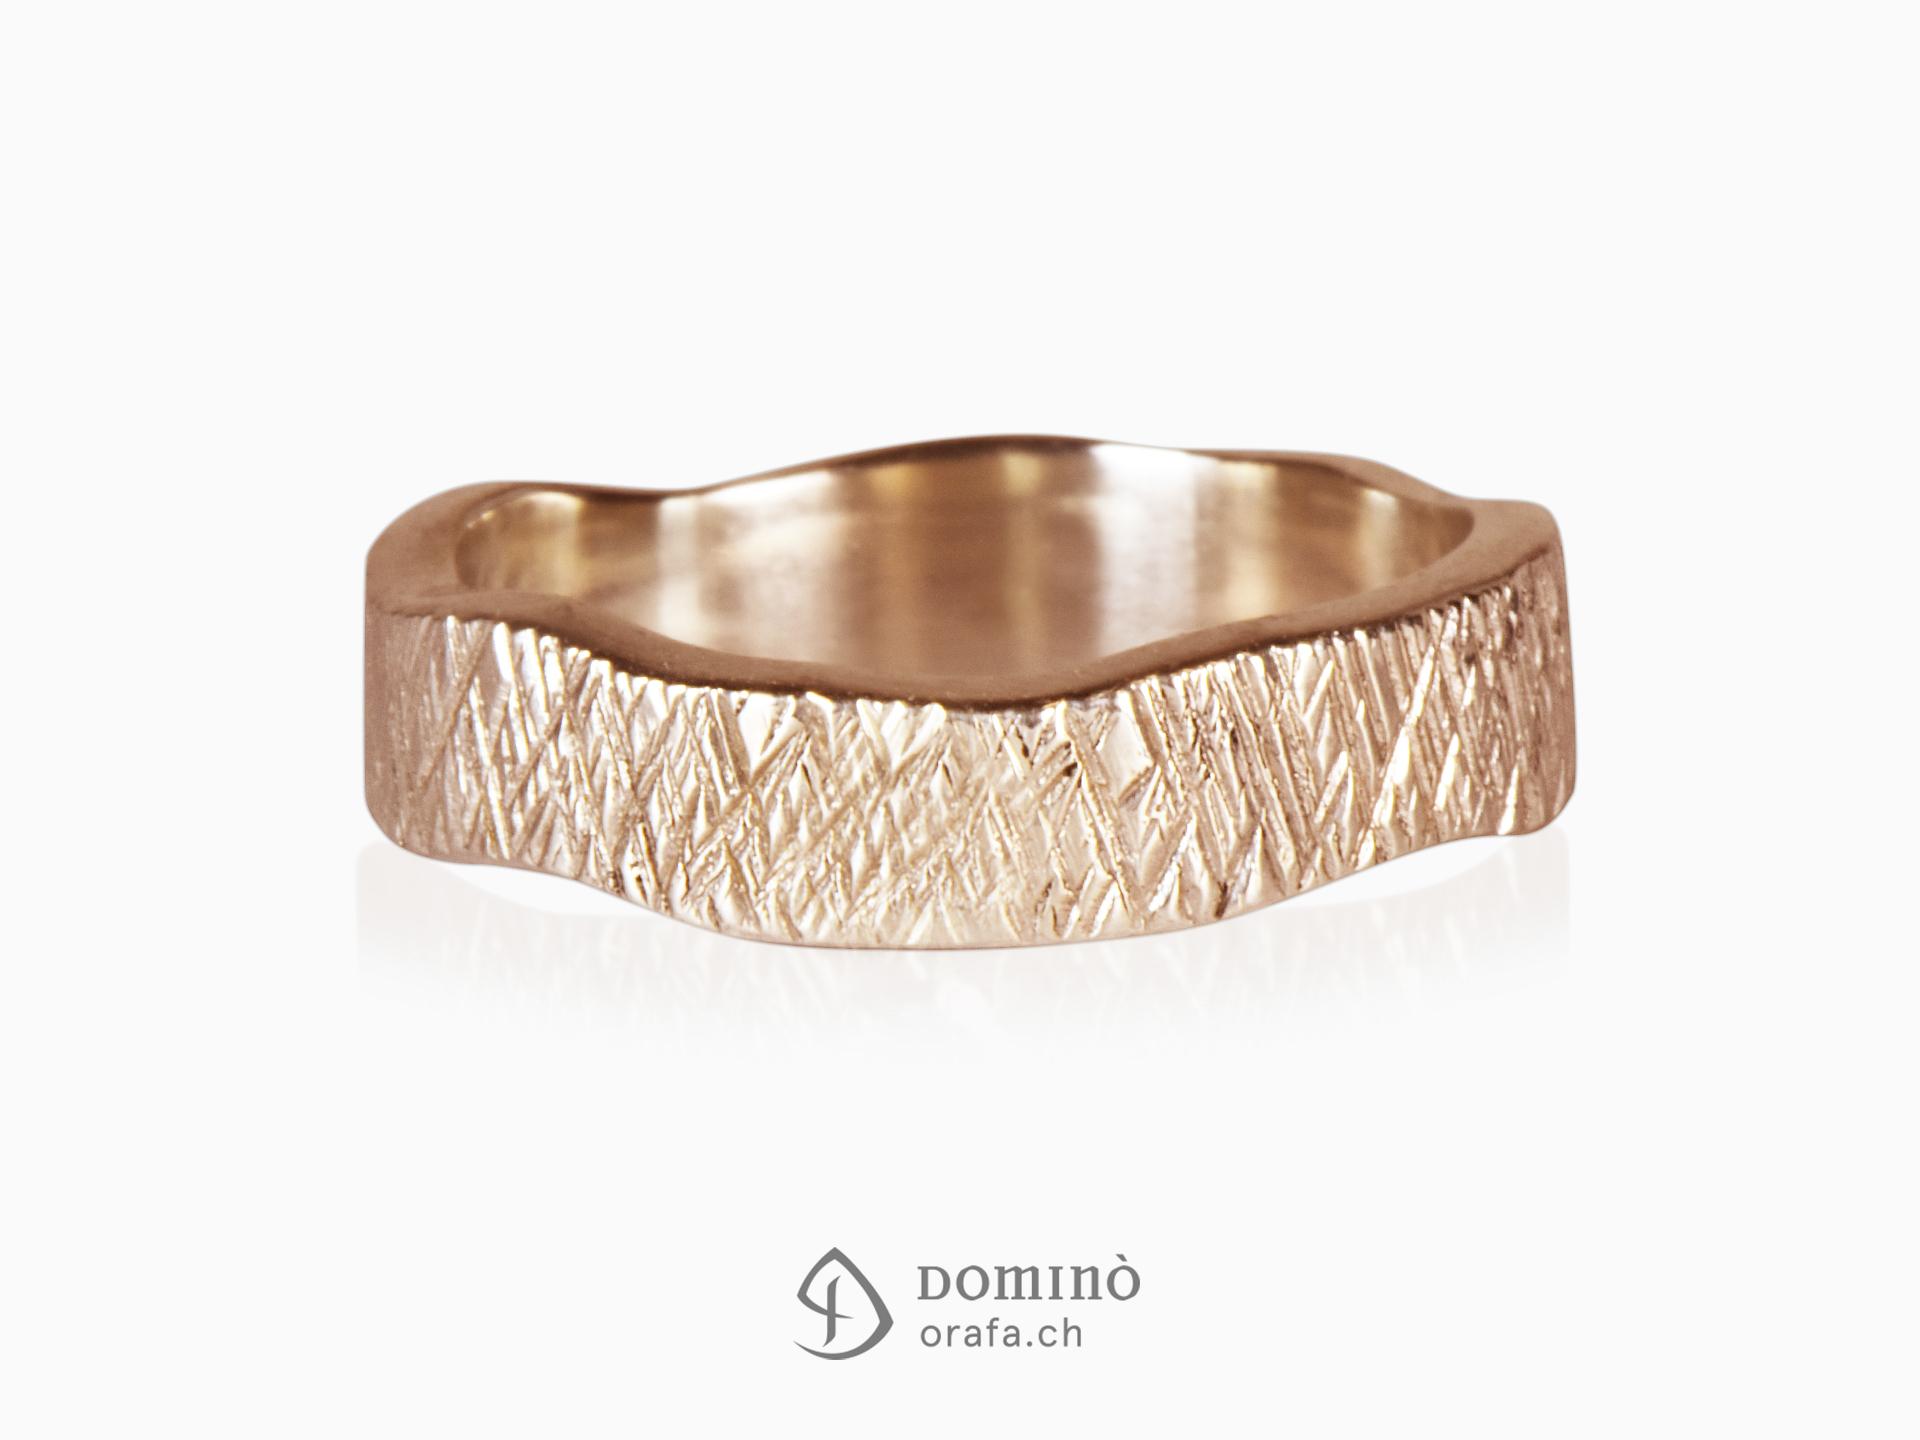 Irregular crossed Linee rings